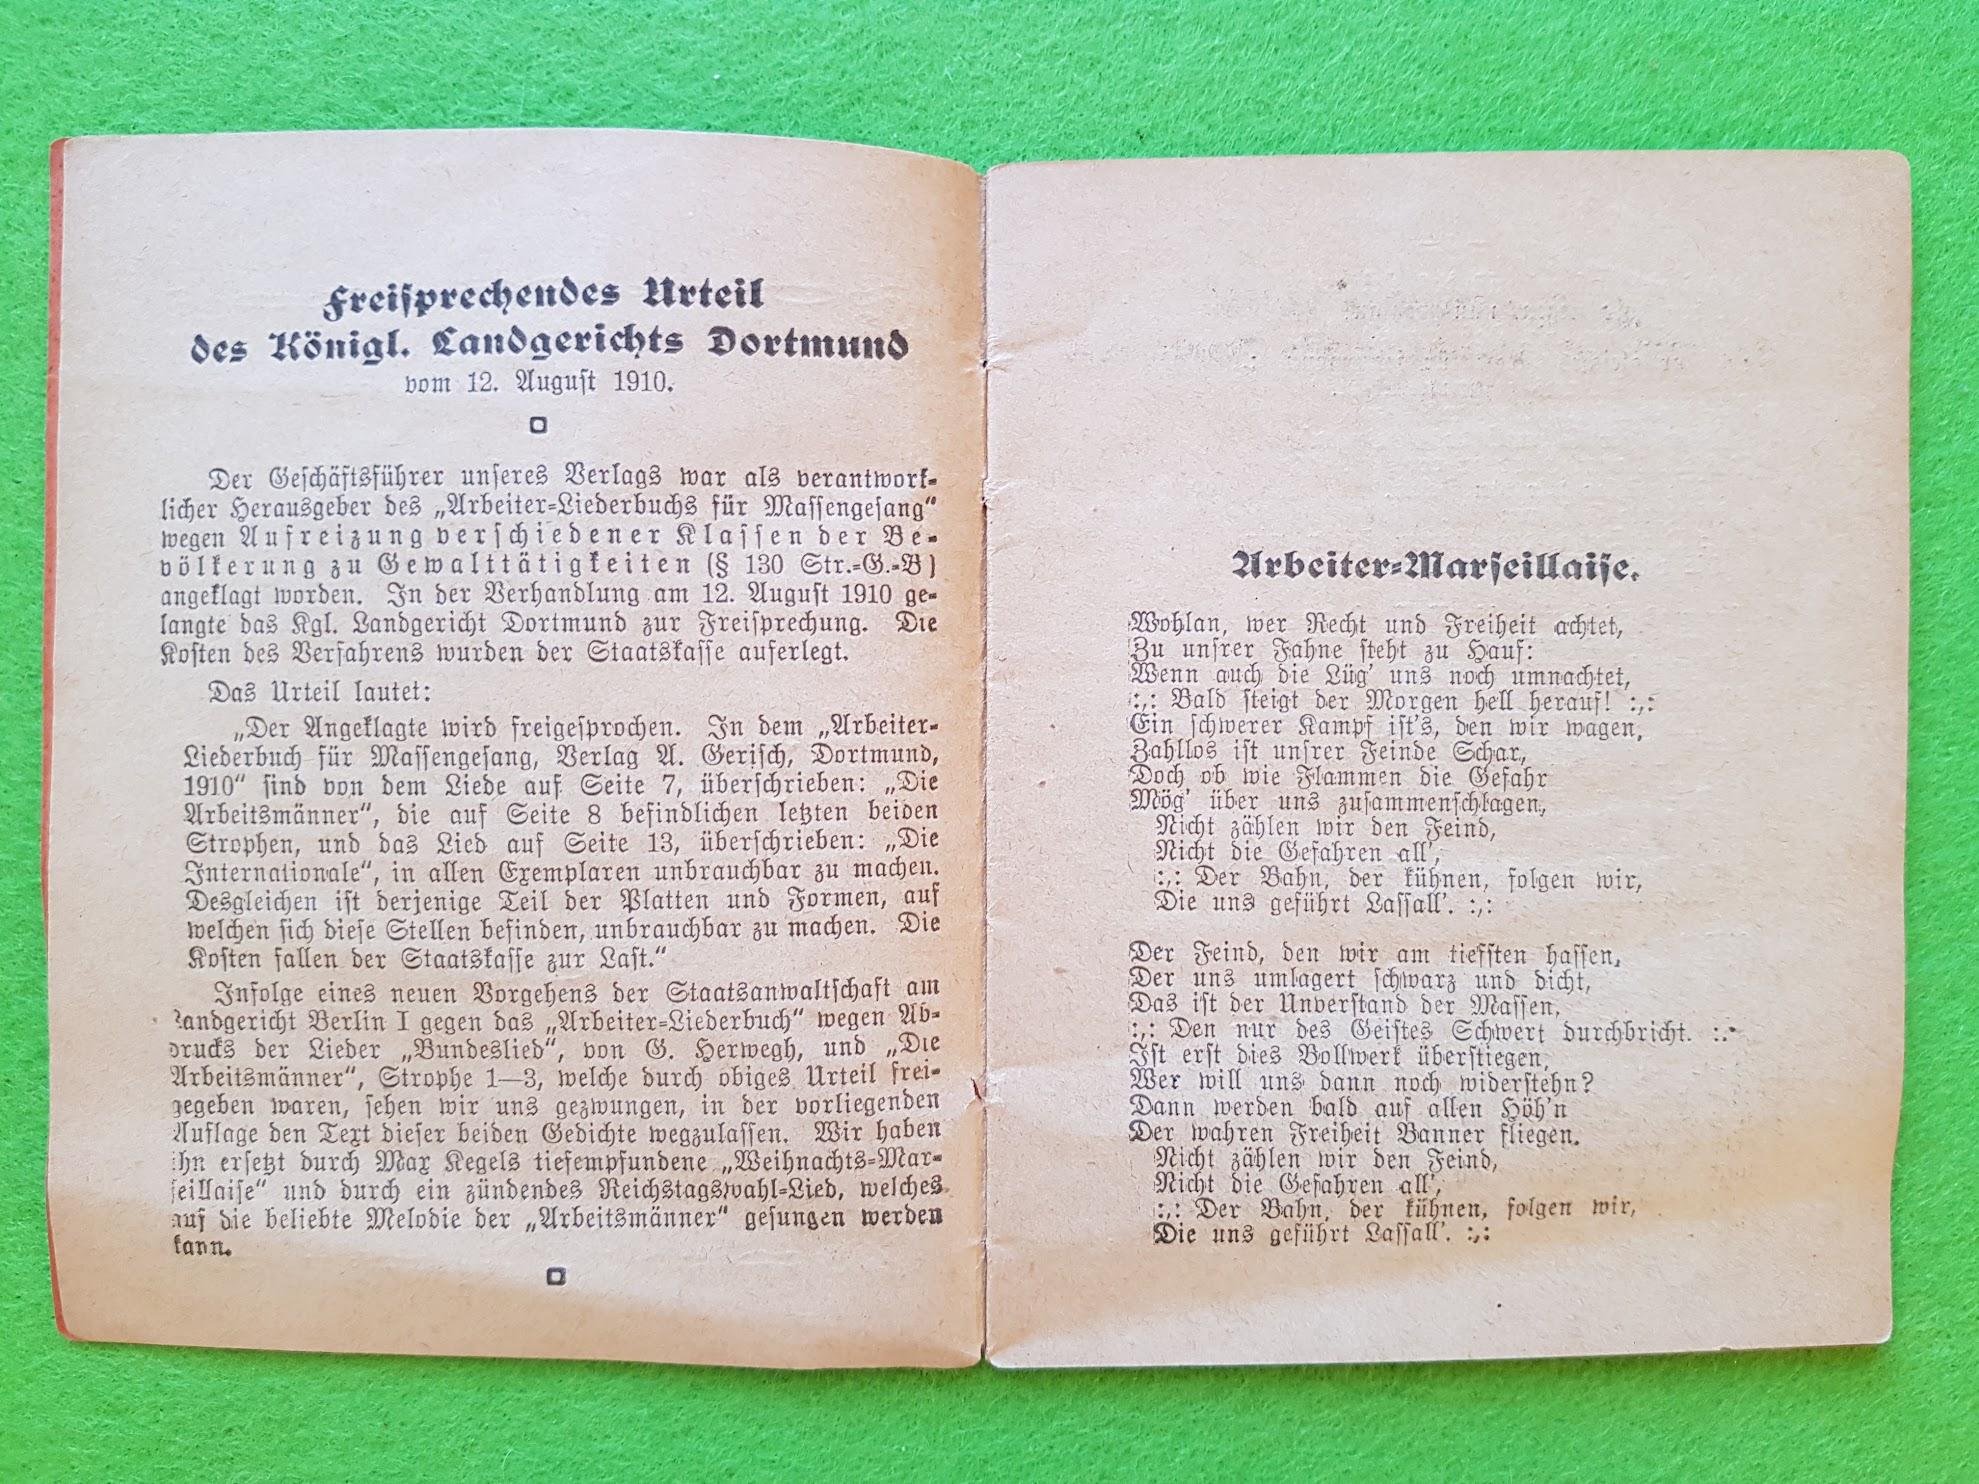 Arbeiter-Liederbuch - Vorwort mit dem Urteil zum Verbot einiger Liedtexte.